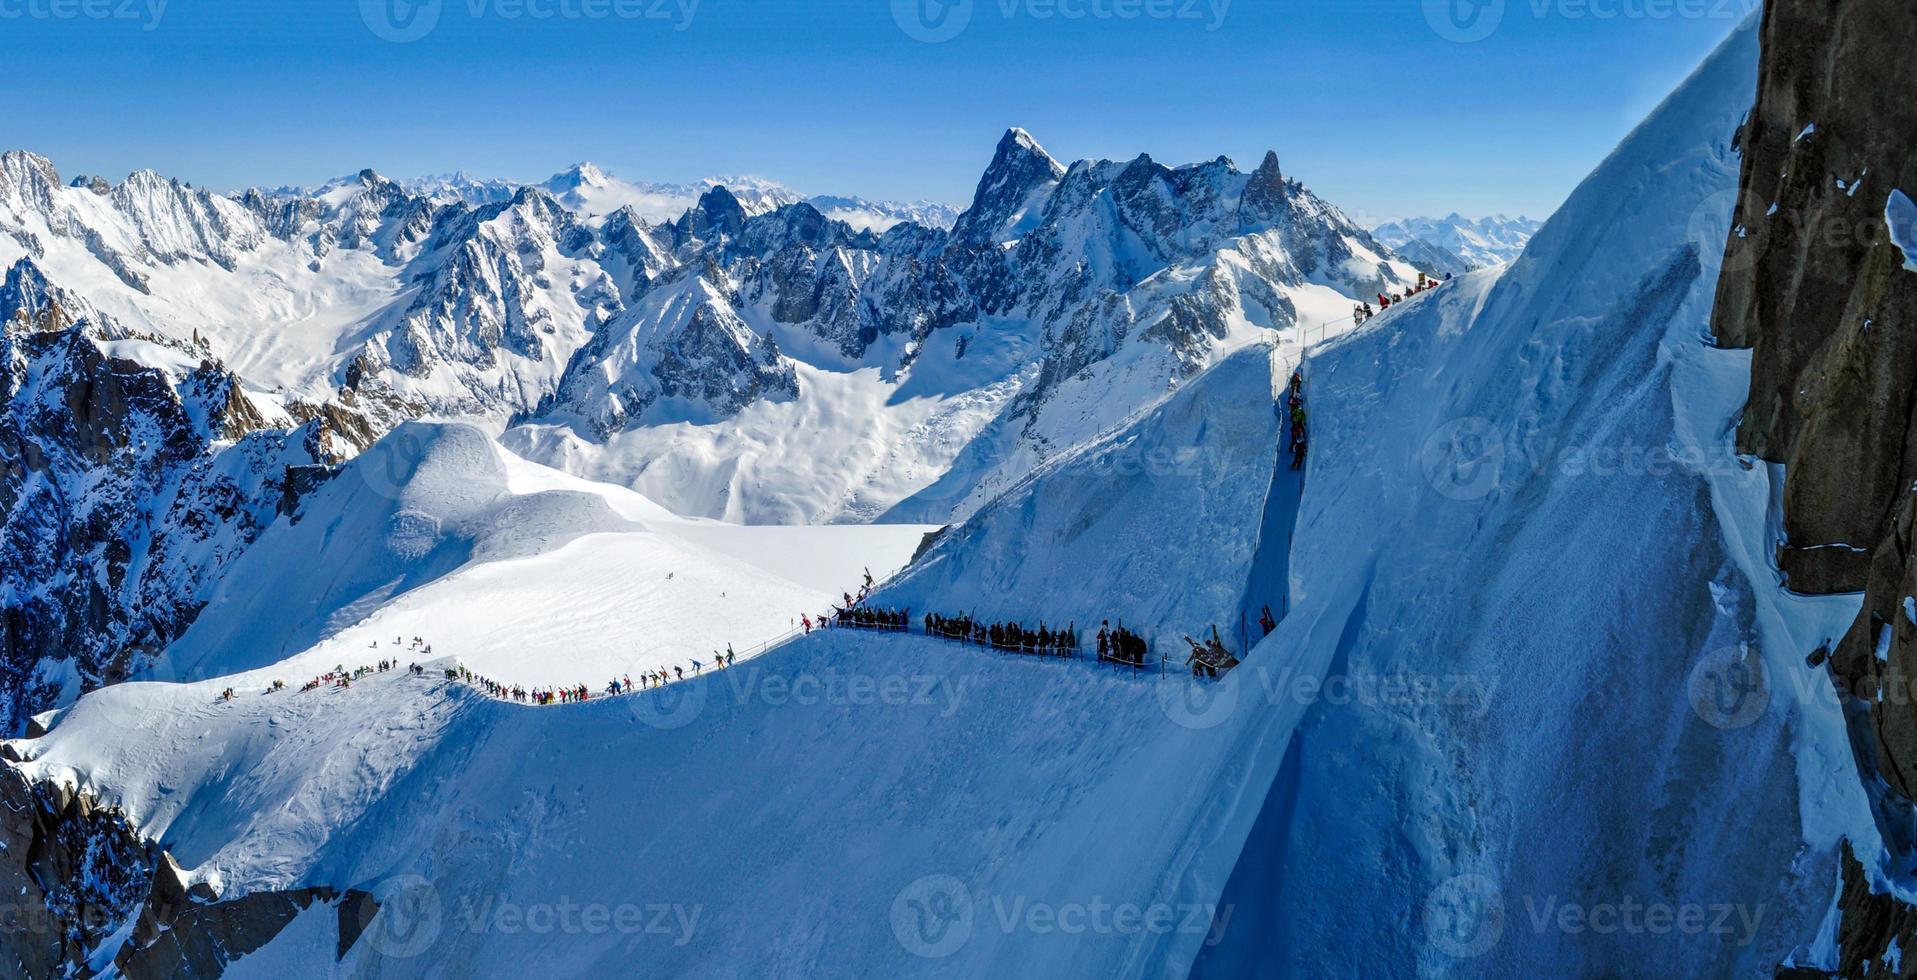 Panorama avec les skieurs en direction de la vallée blanche, france photo